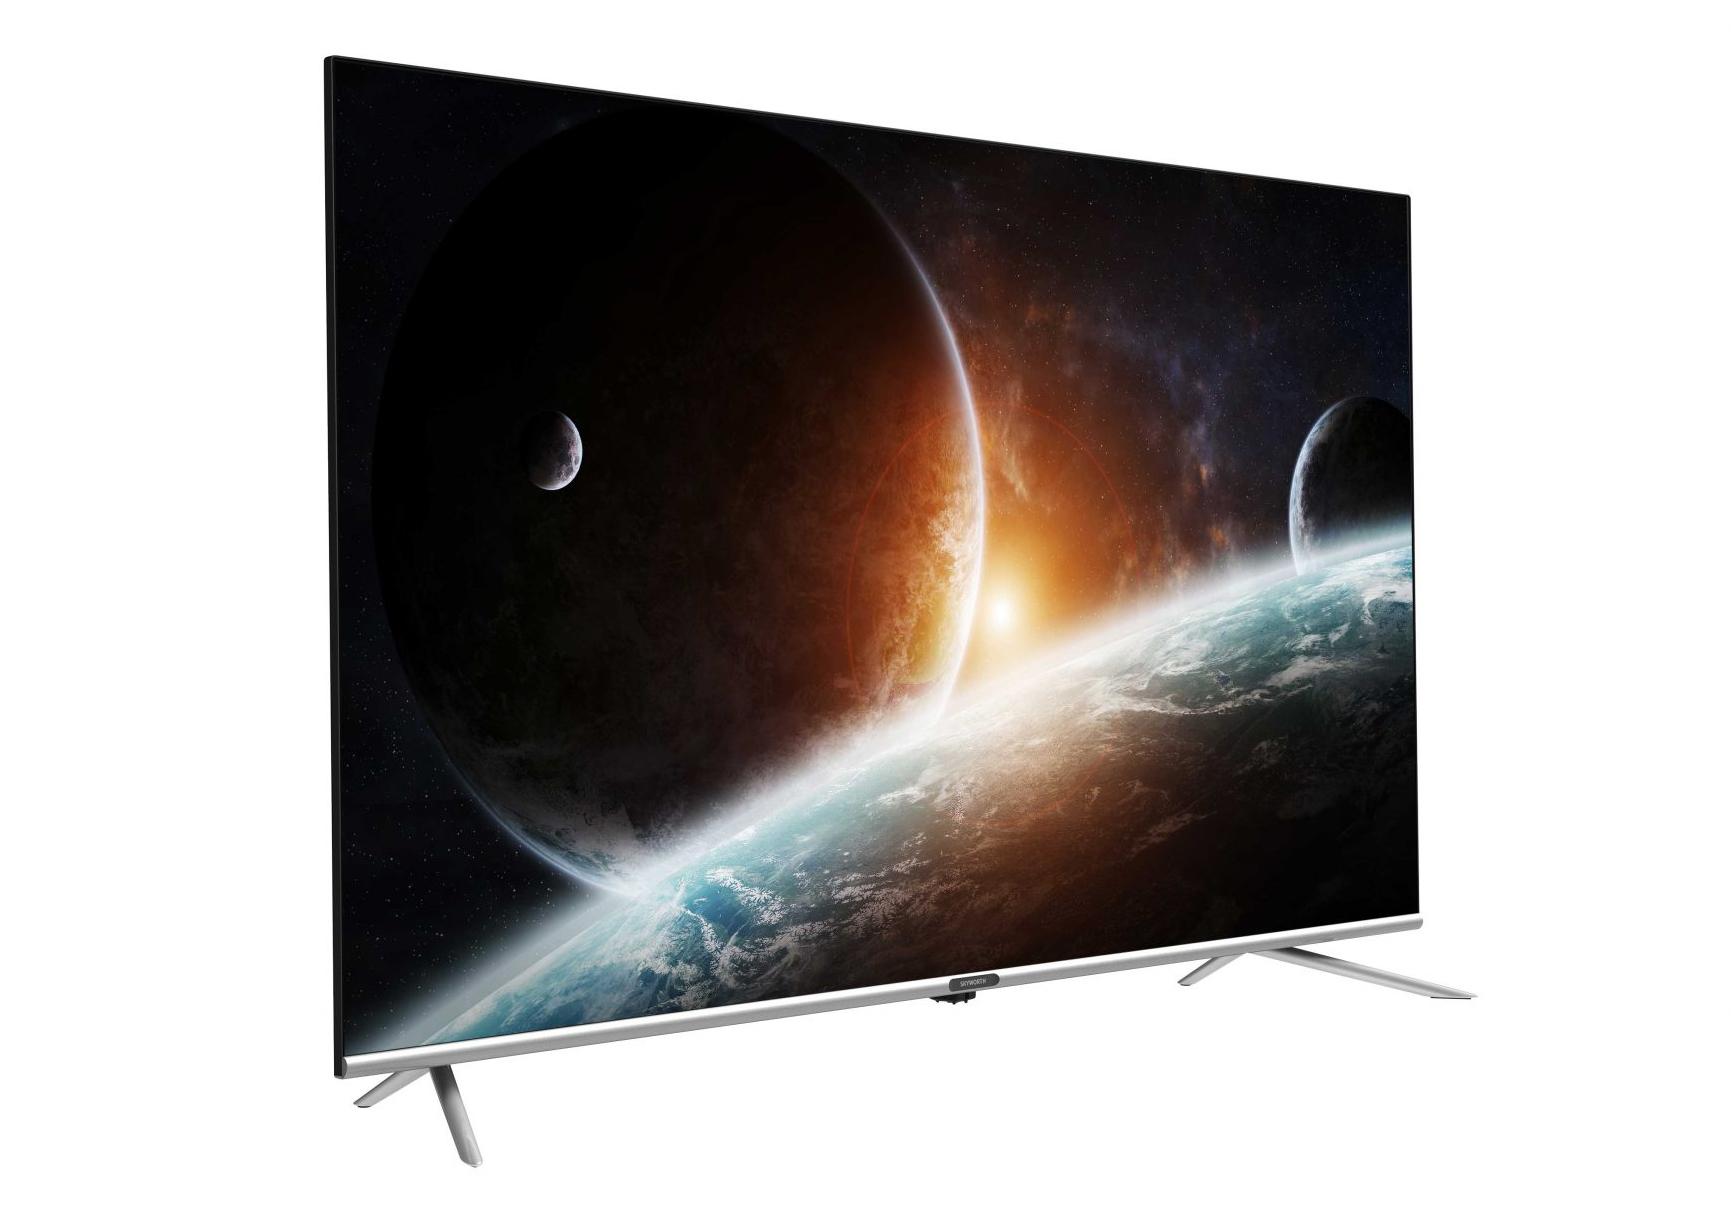 Loạt TV 55 inch giá 10 - 15 triệu đồng - 6